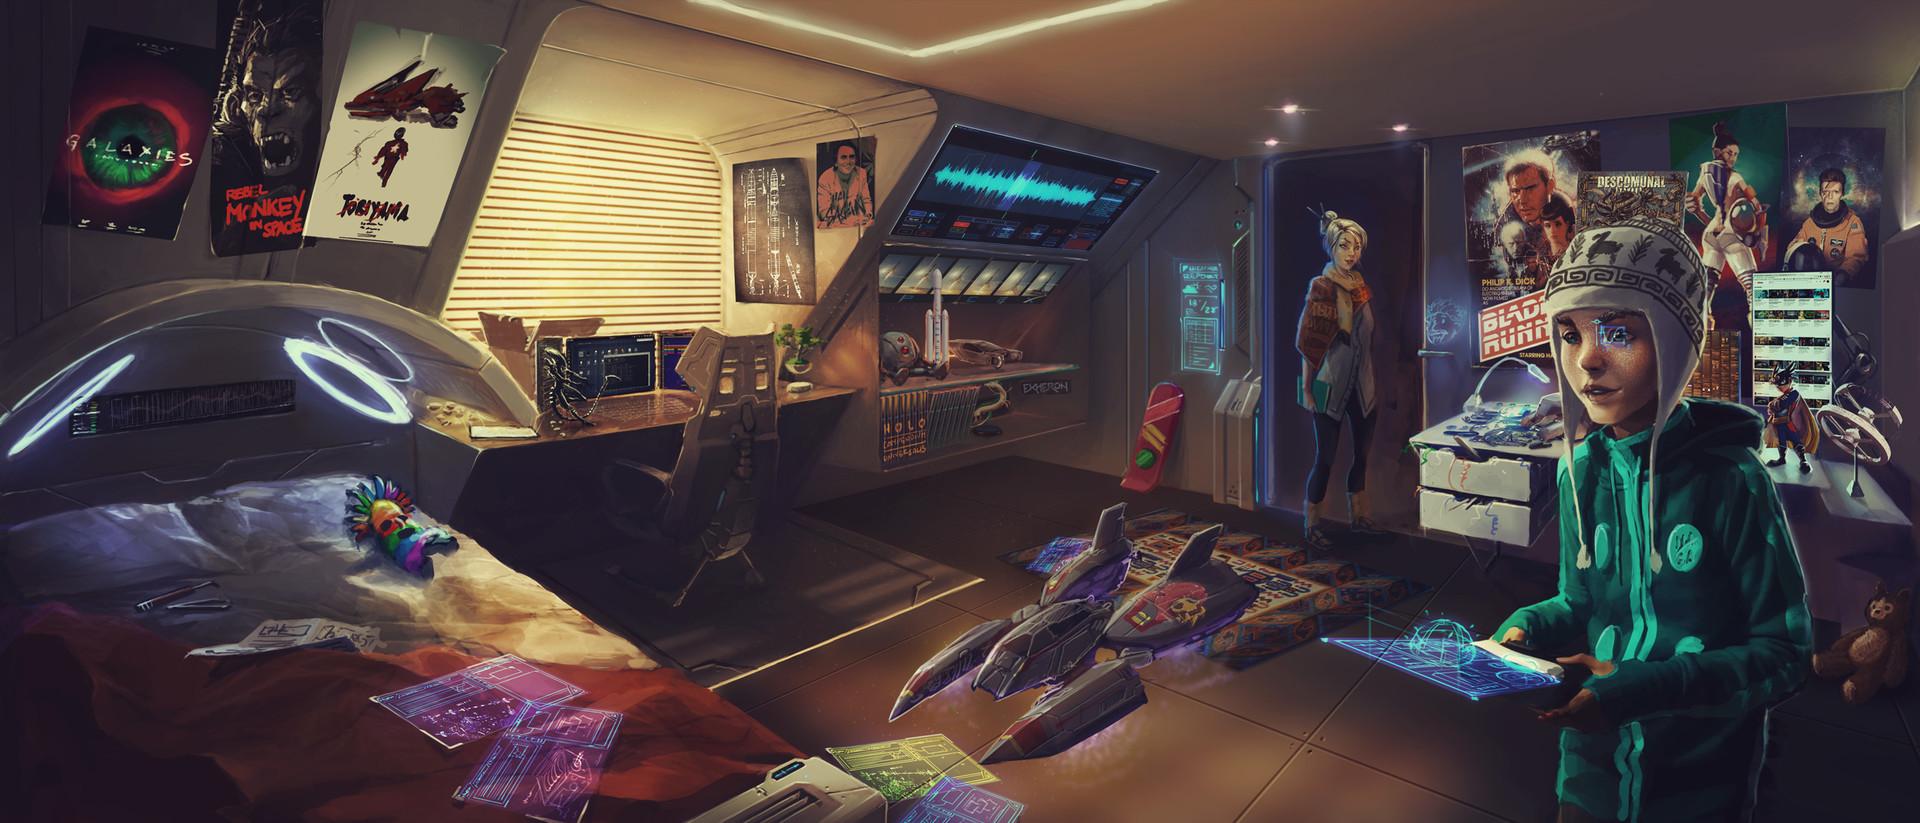 Kaithzer morejon matt room web 2